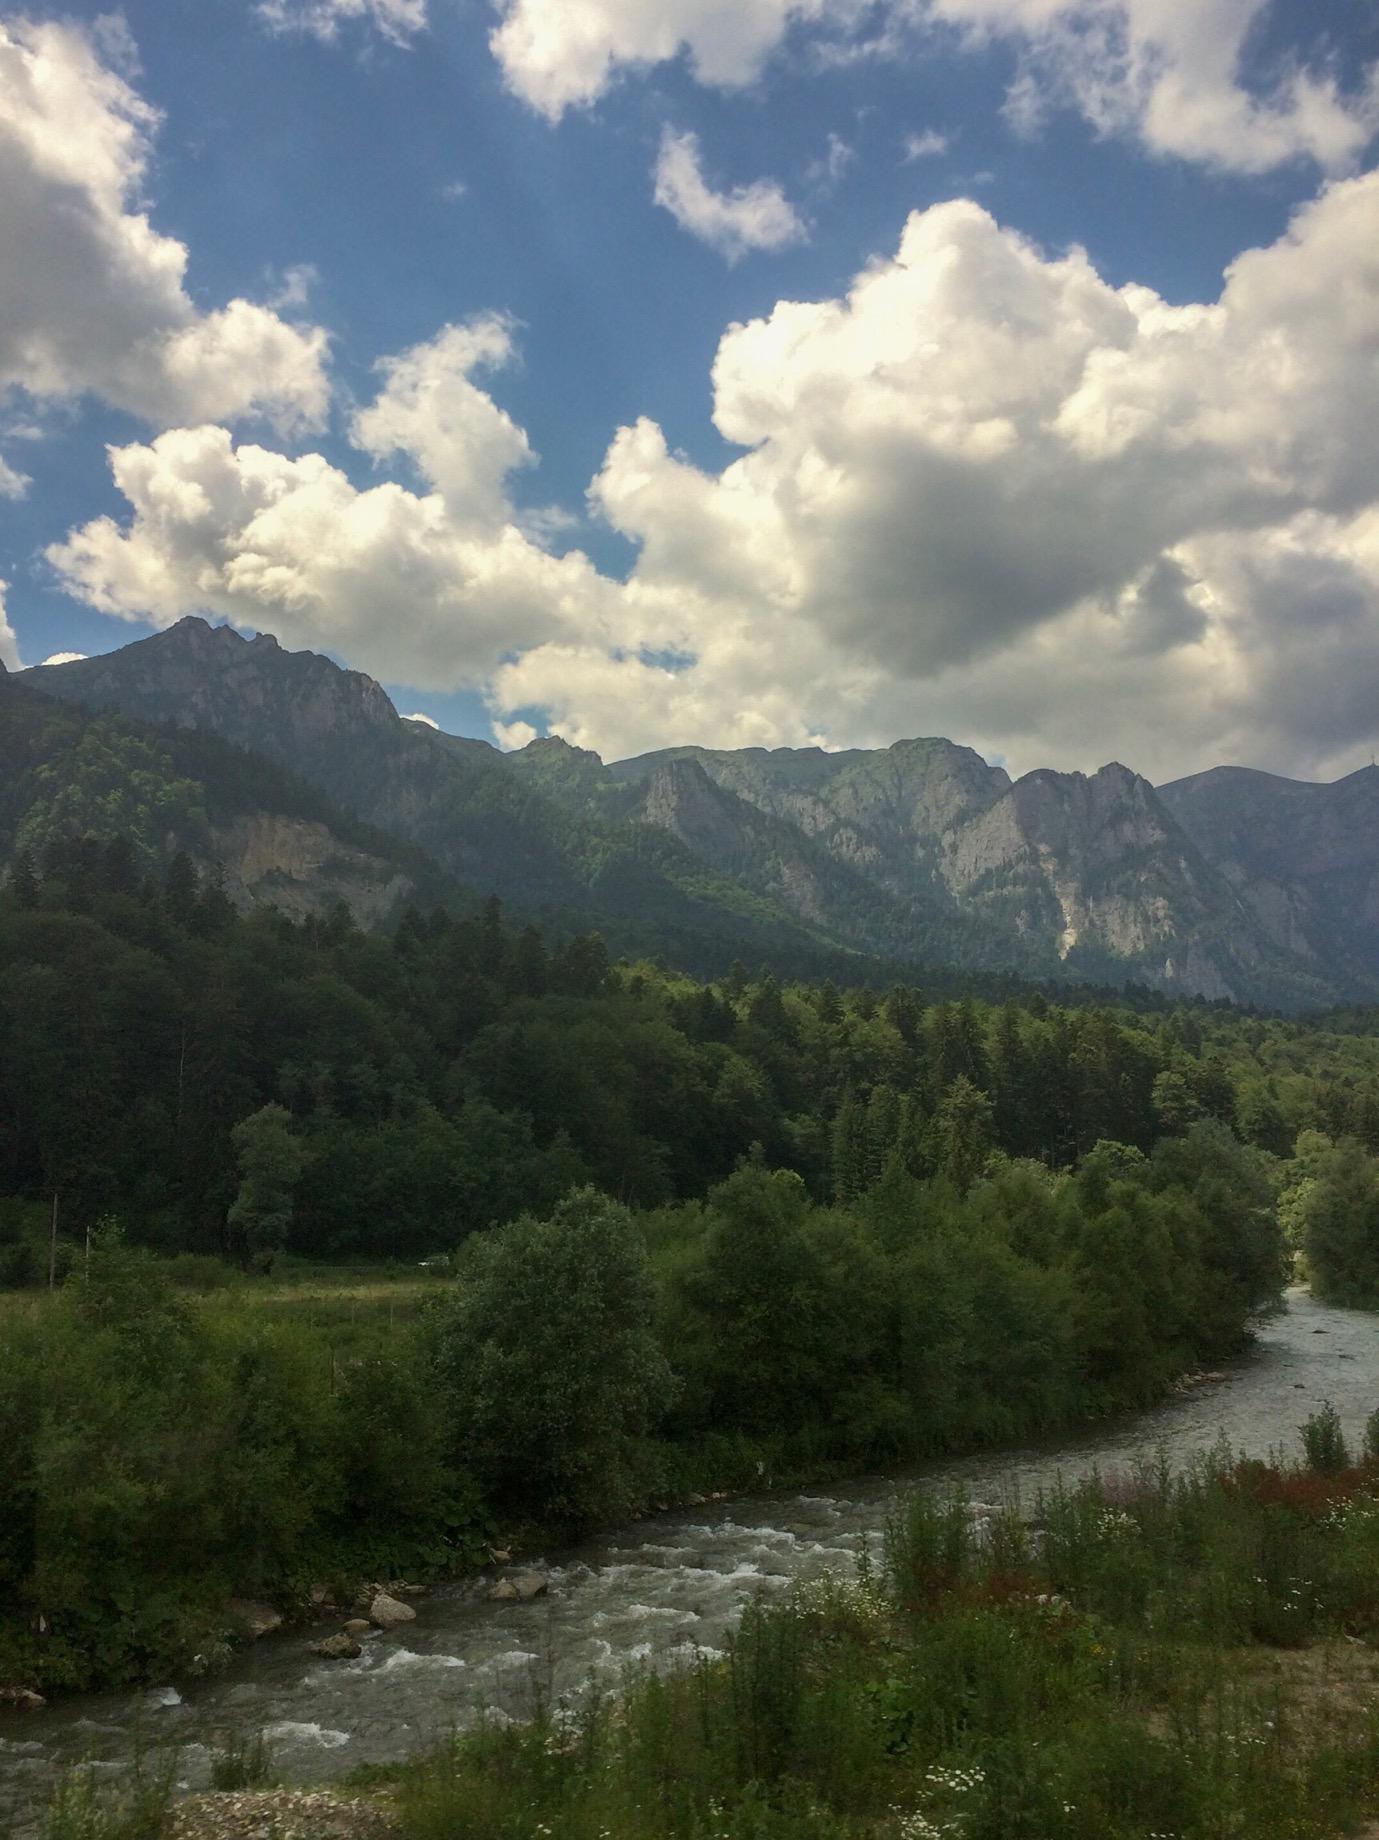 Bucegi Mountains of the Southern Carpathians, Sinaia, Romania